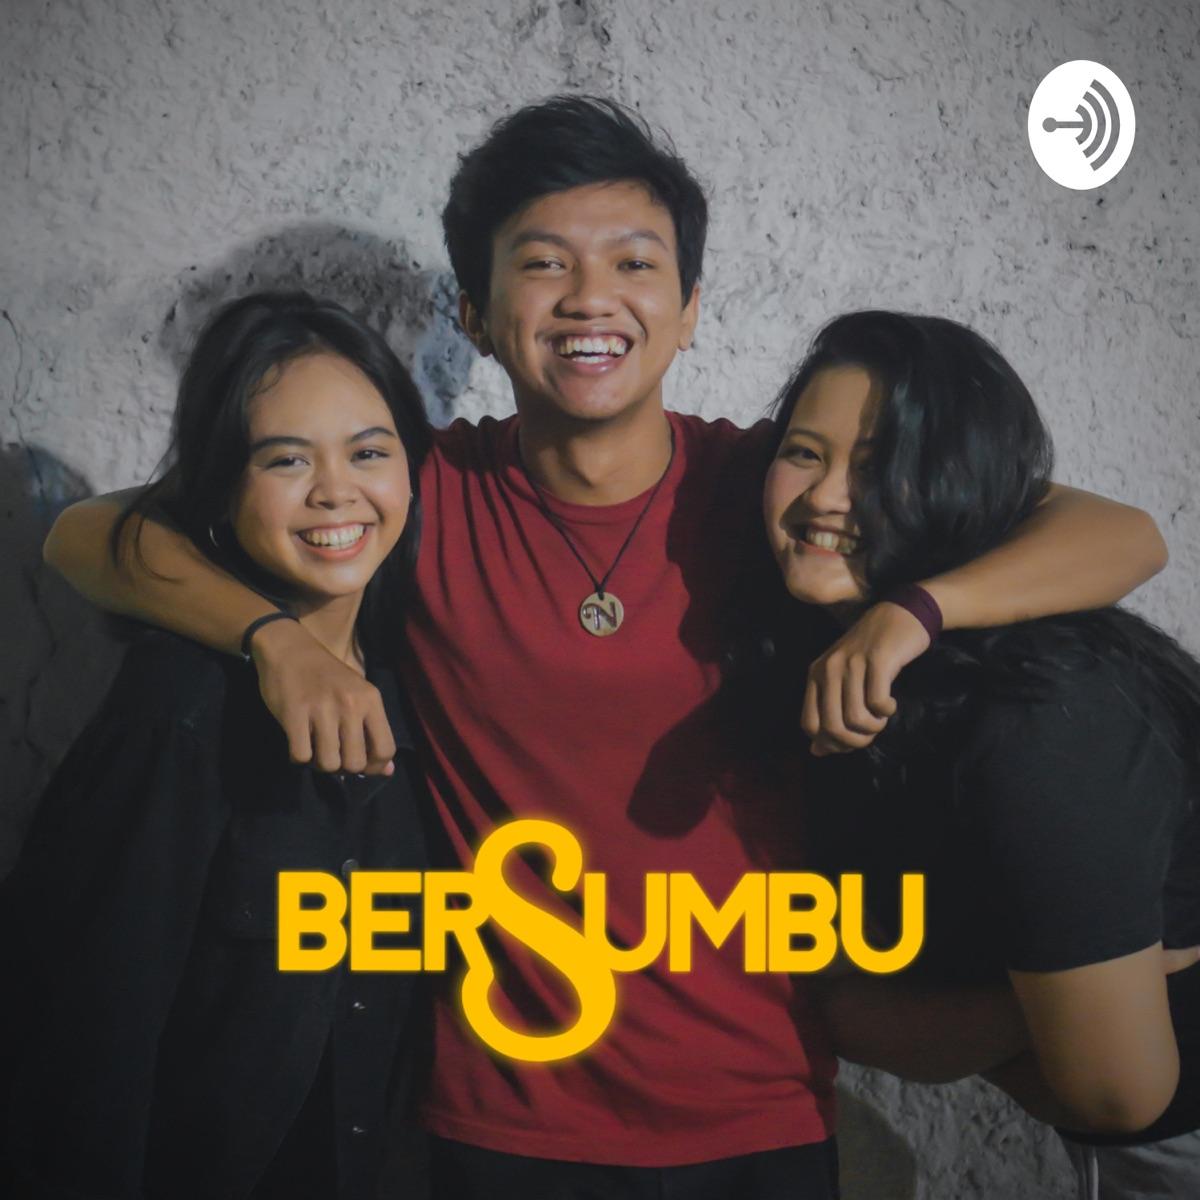 Bersumbu